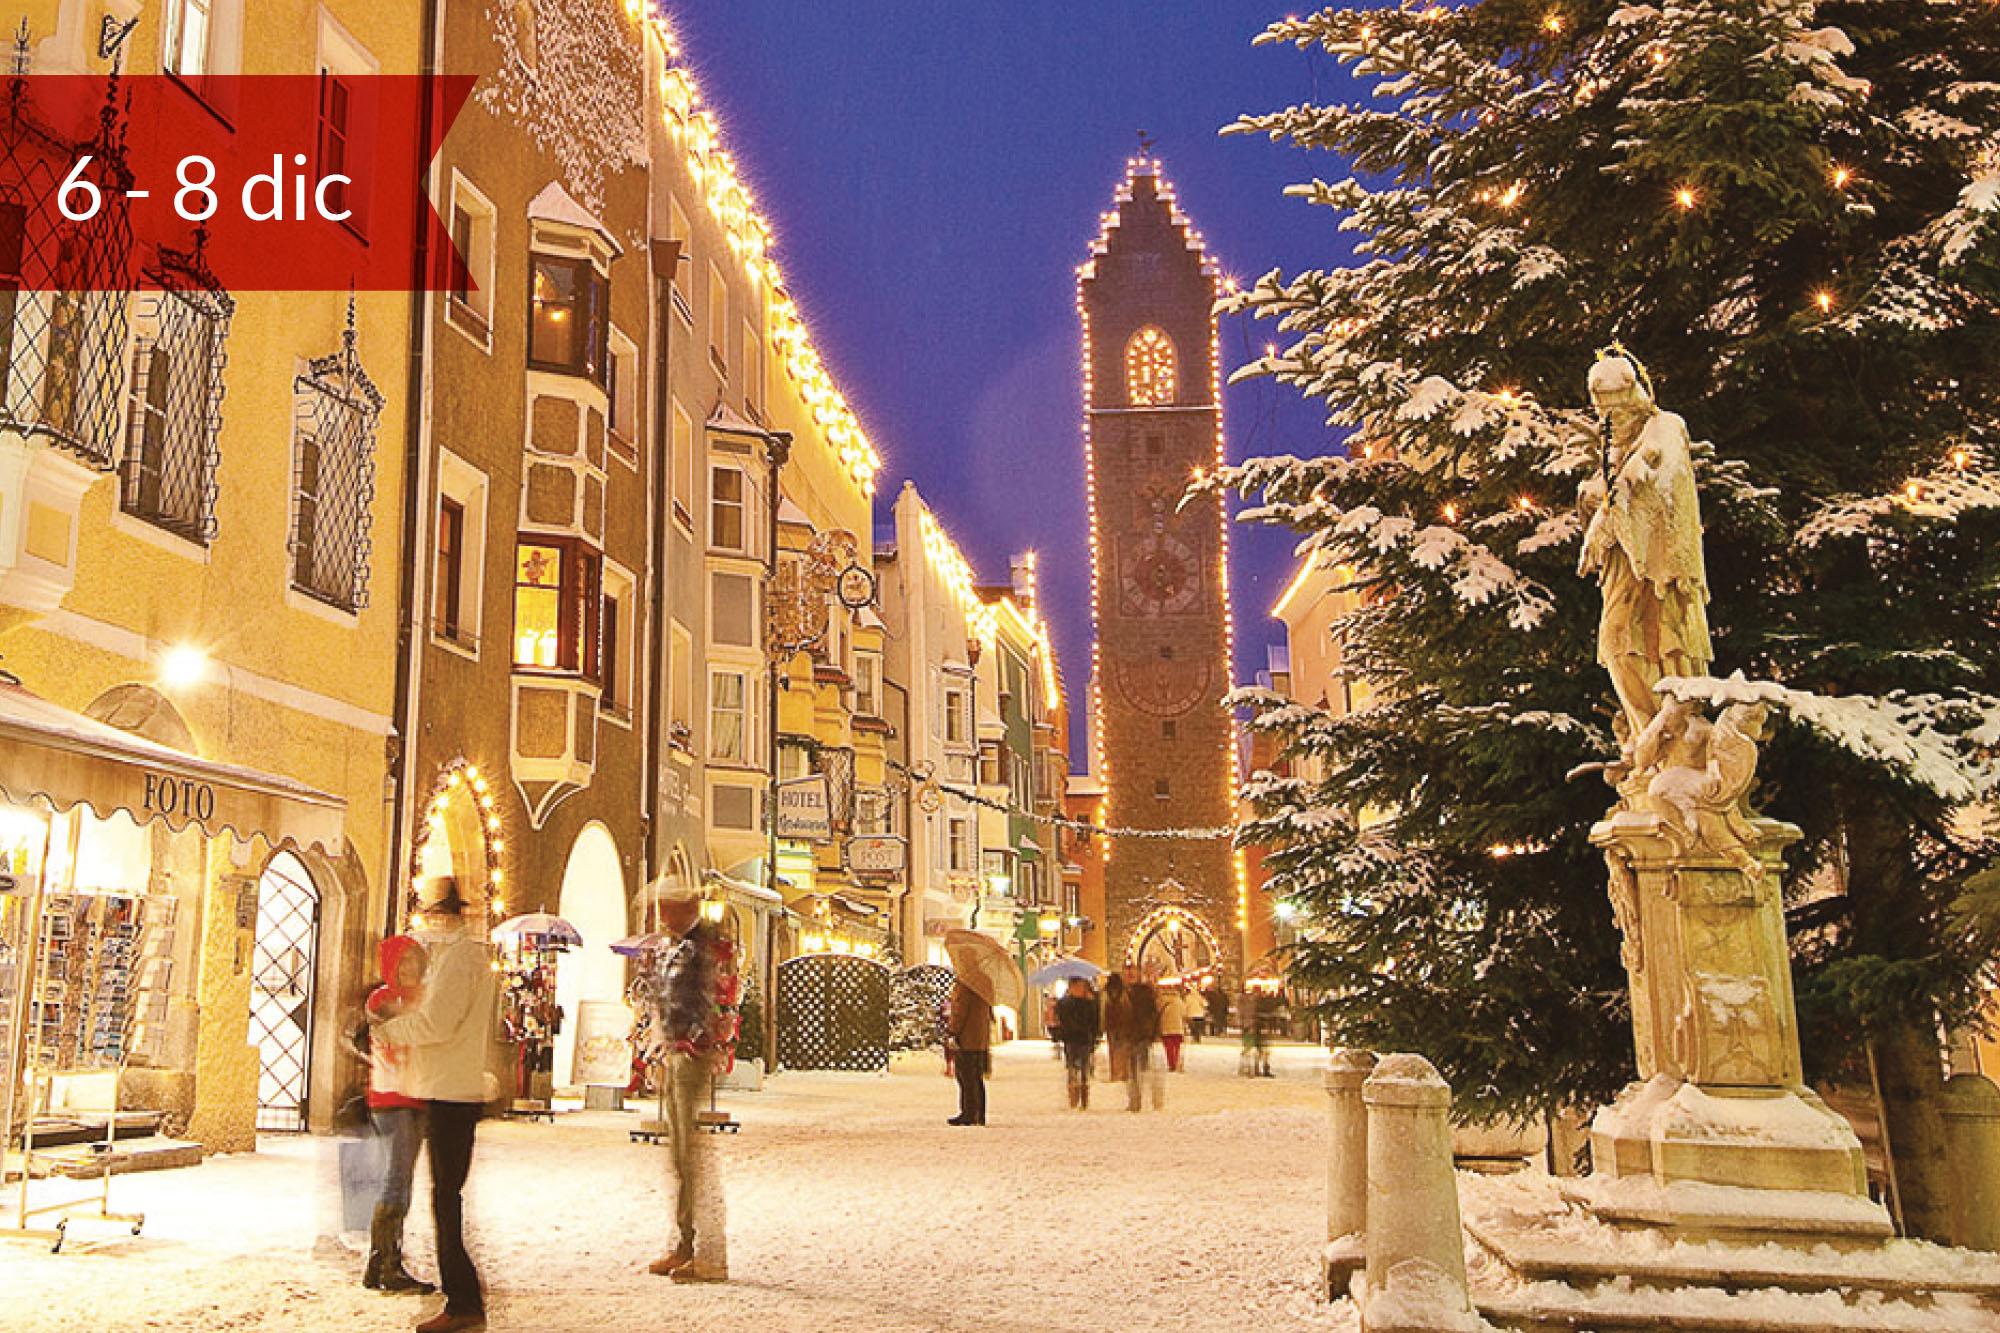 Immagini Mercatini Di Natale Vipiteno.Mercatini Di Natale A Vipiteno Bolzano E Verona Napoleone